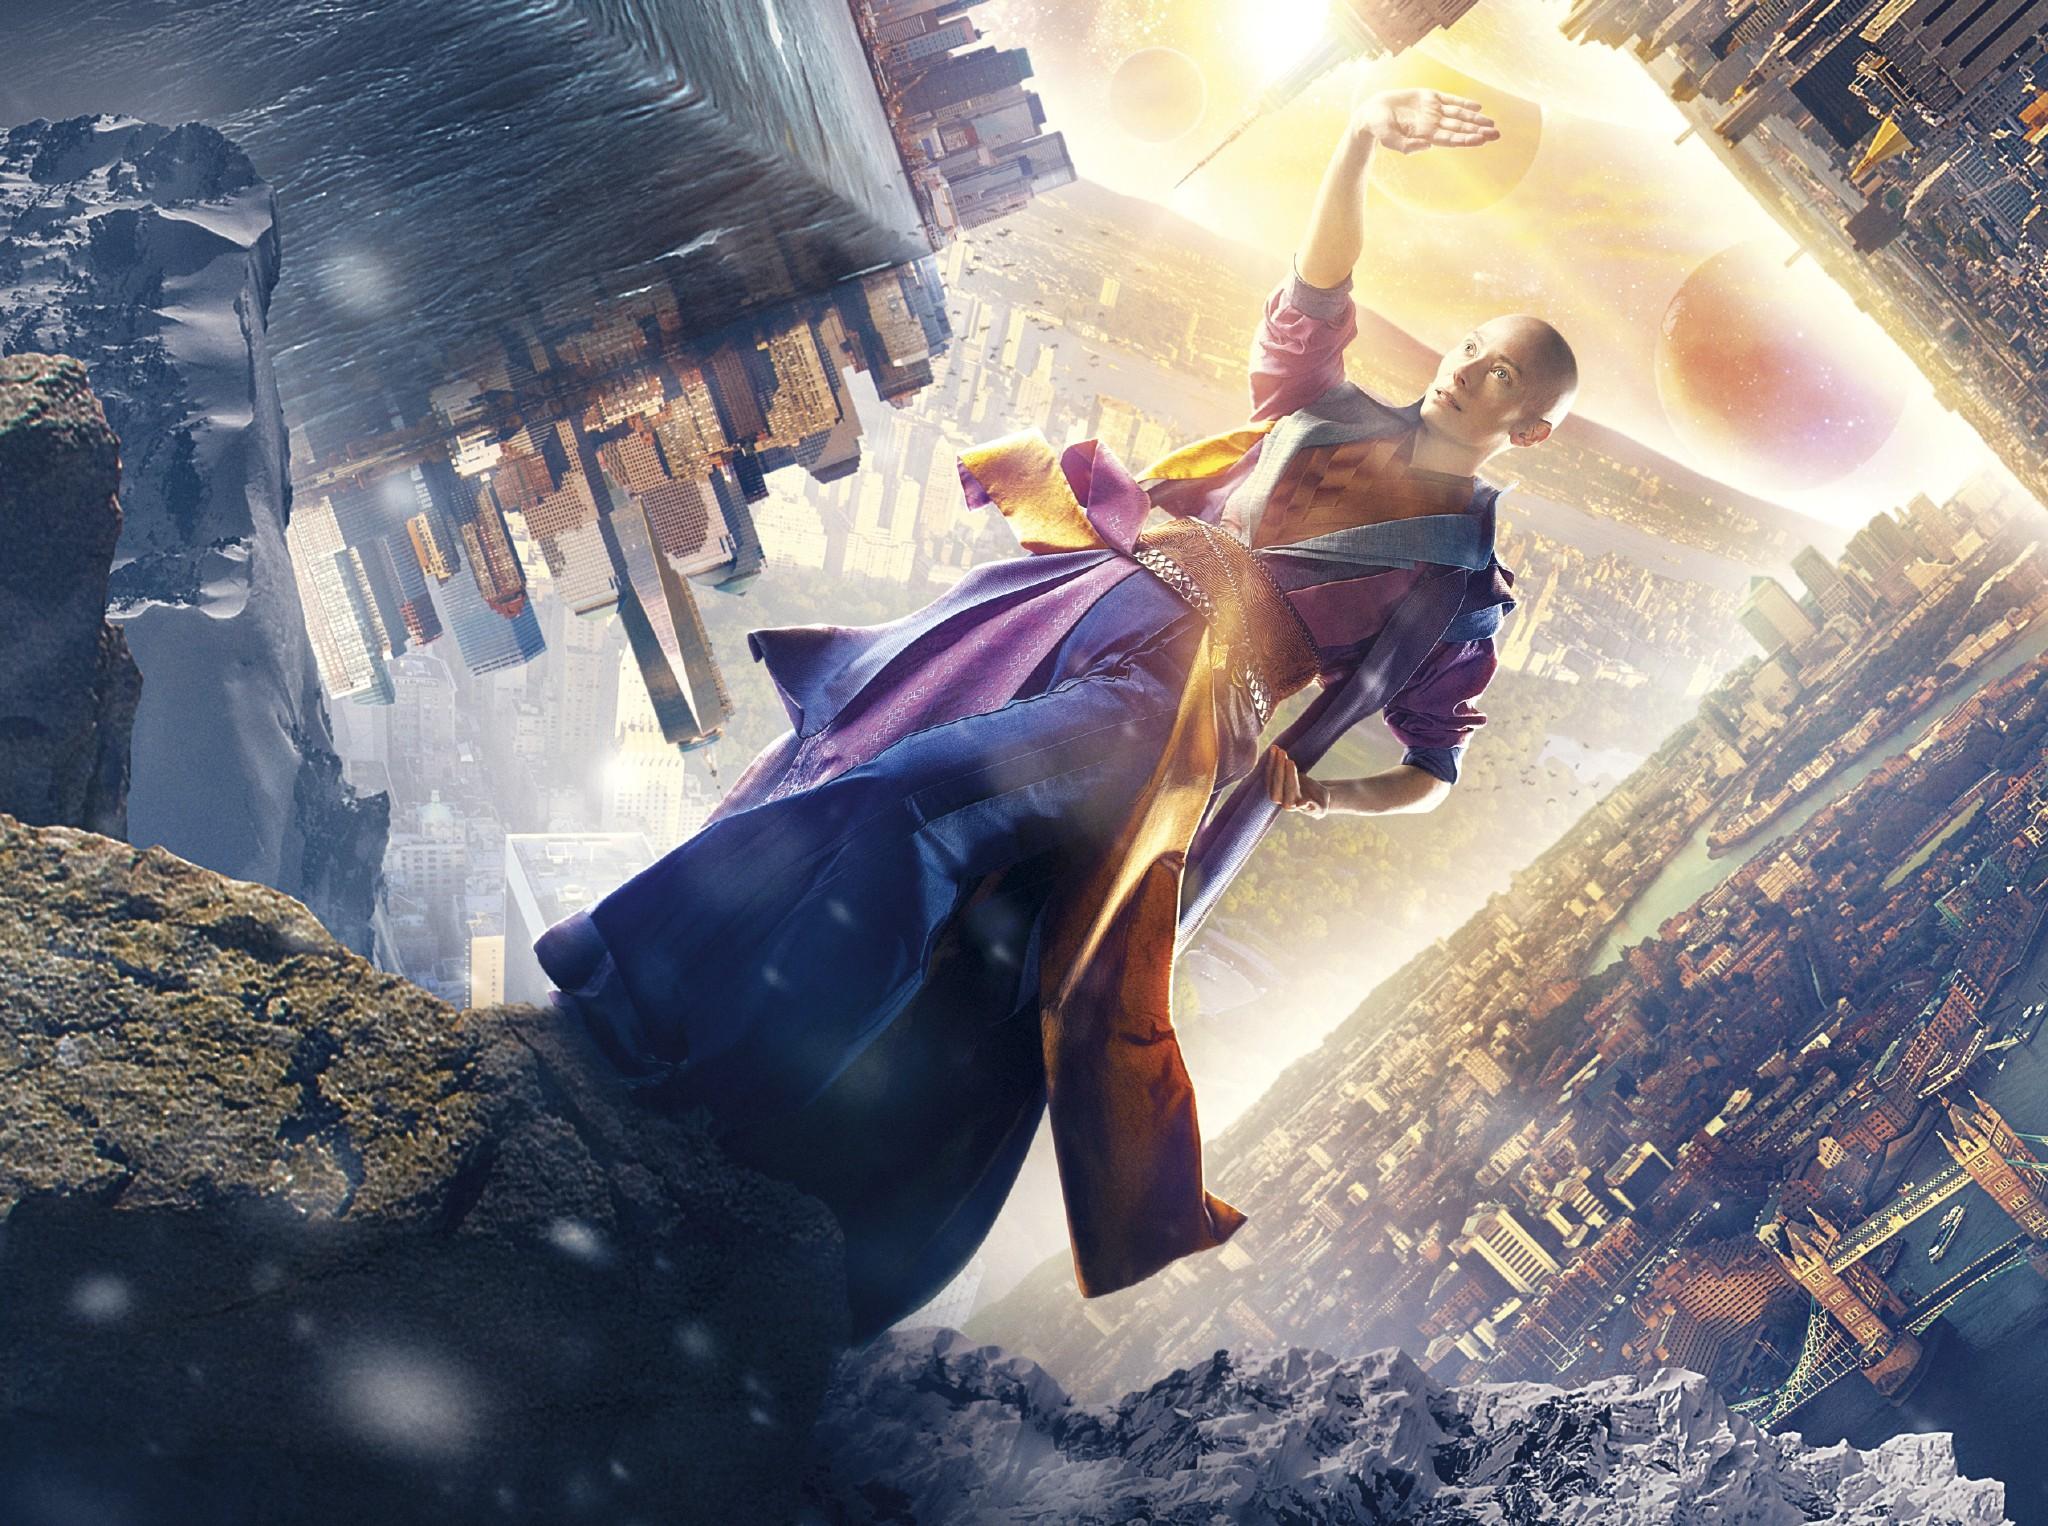 漫威的女超级英雄,除了寡姐,还有5位奥斯卡影后撑起了半边天